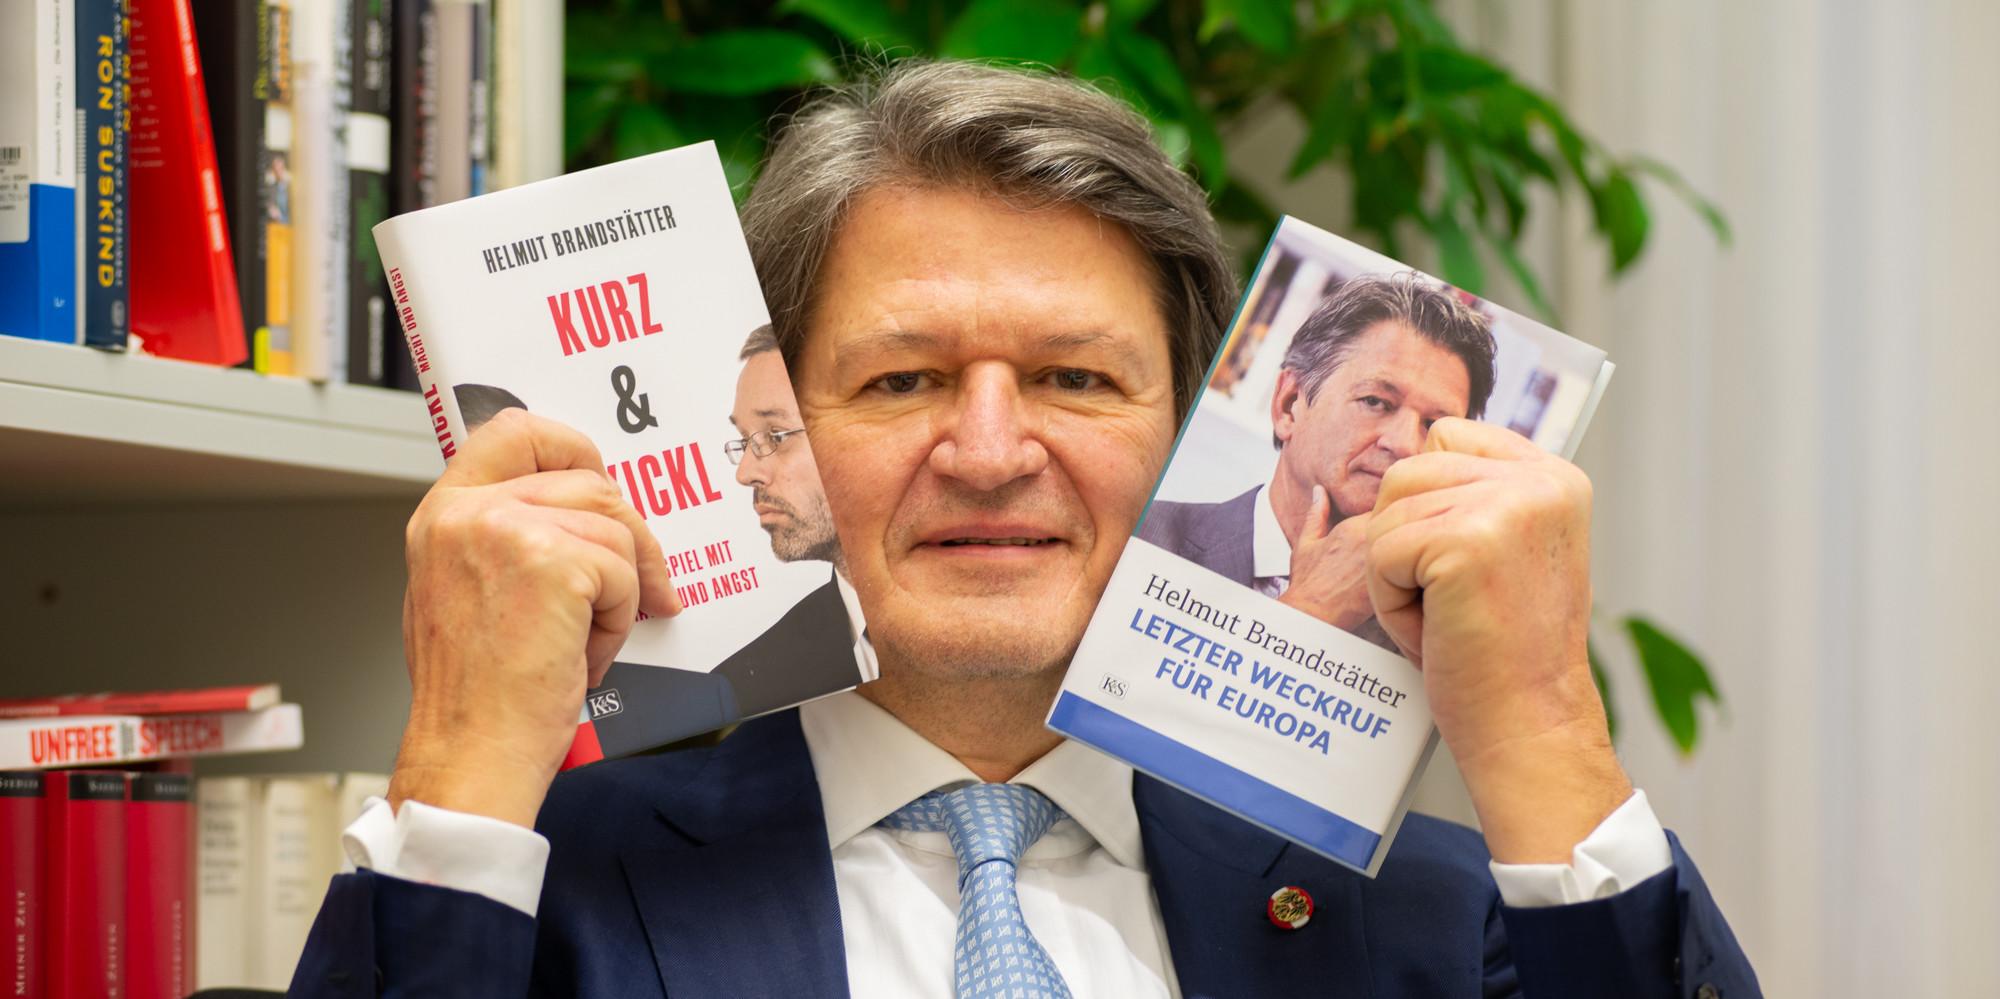 Helmut Brandstätter mit dem ersten Bundesrat der Neos, Karl-Arthur Arlamovsky